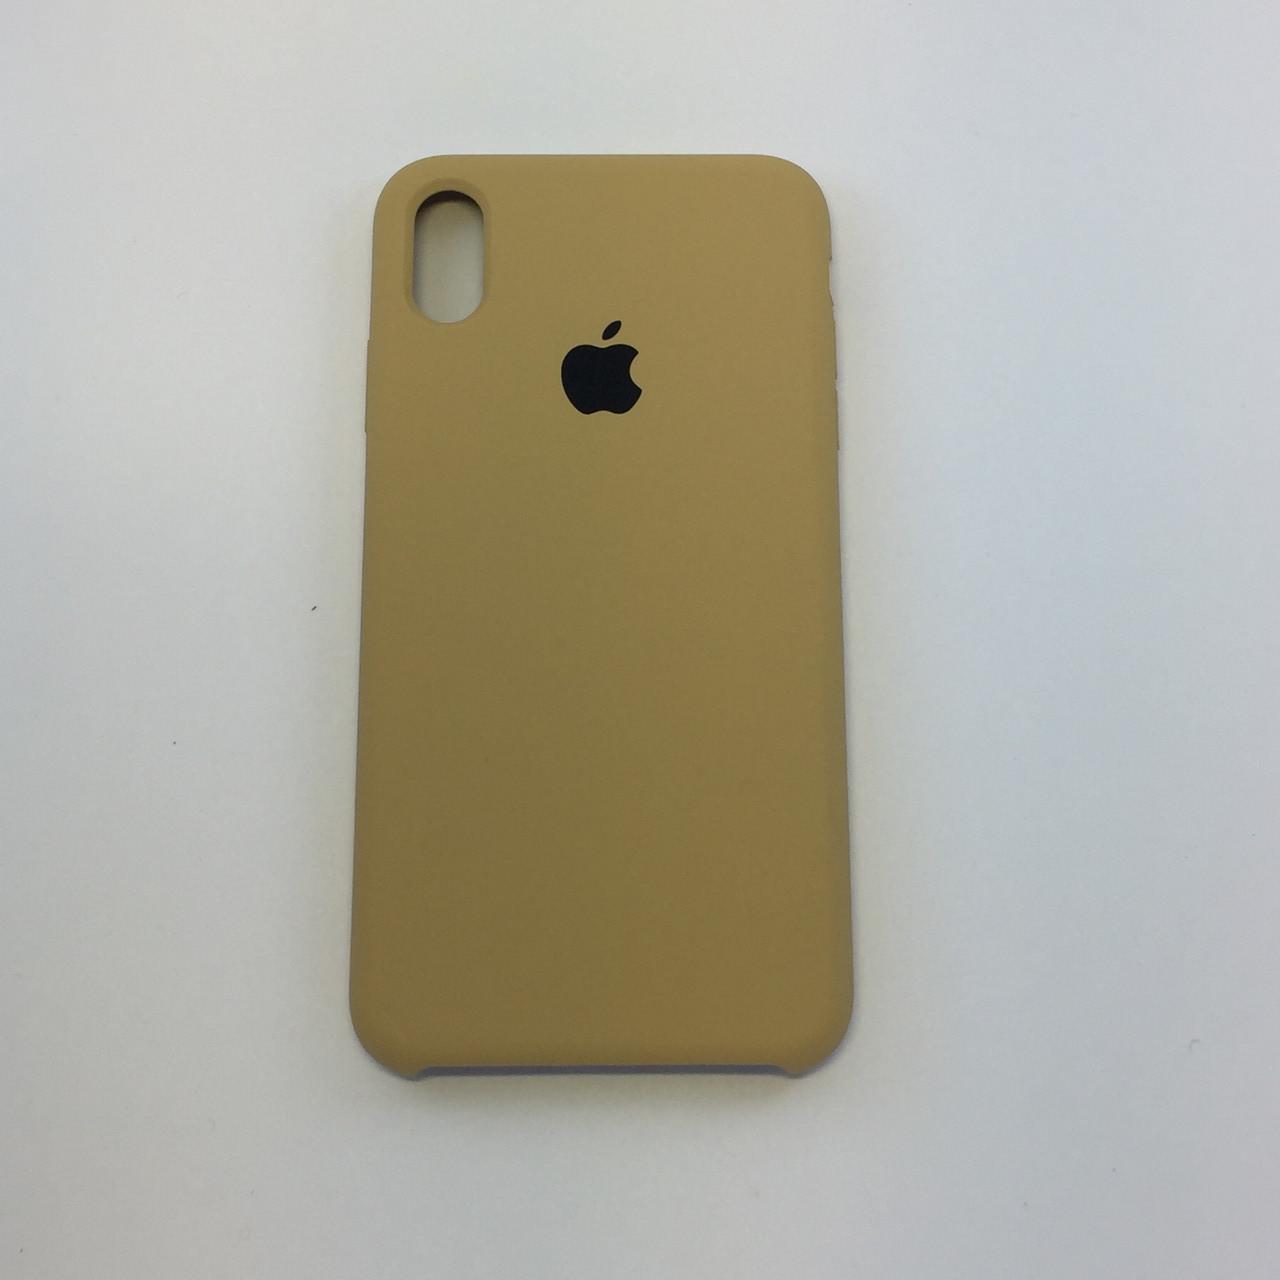 Силиконовый чехол iPhone X / Xs, gold, copy original